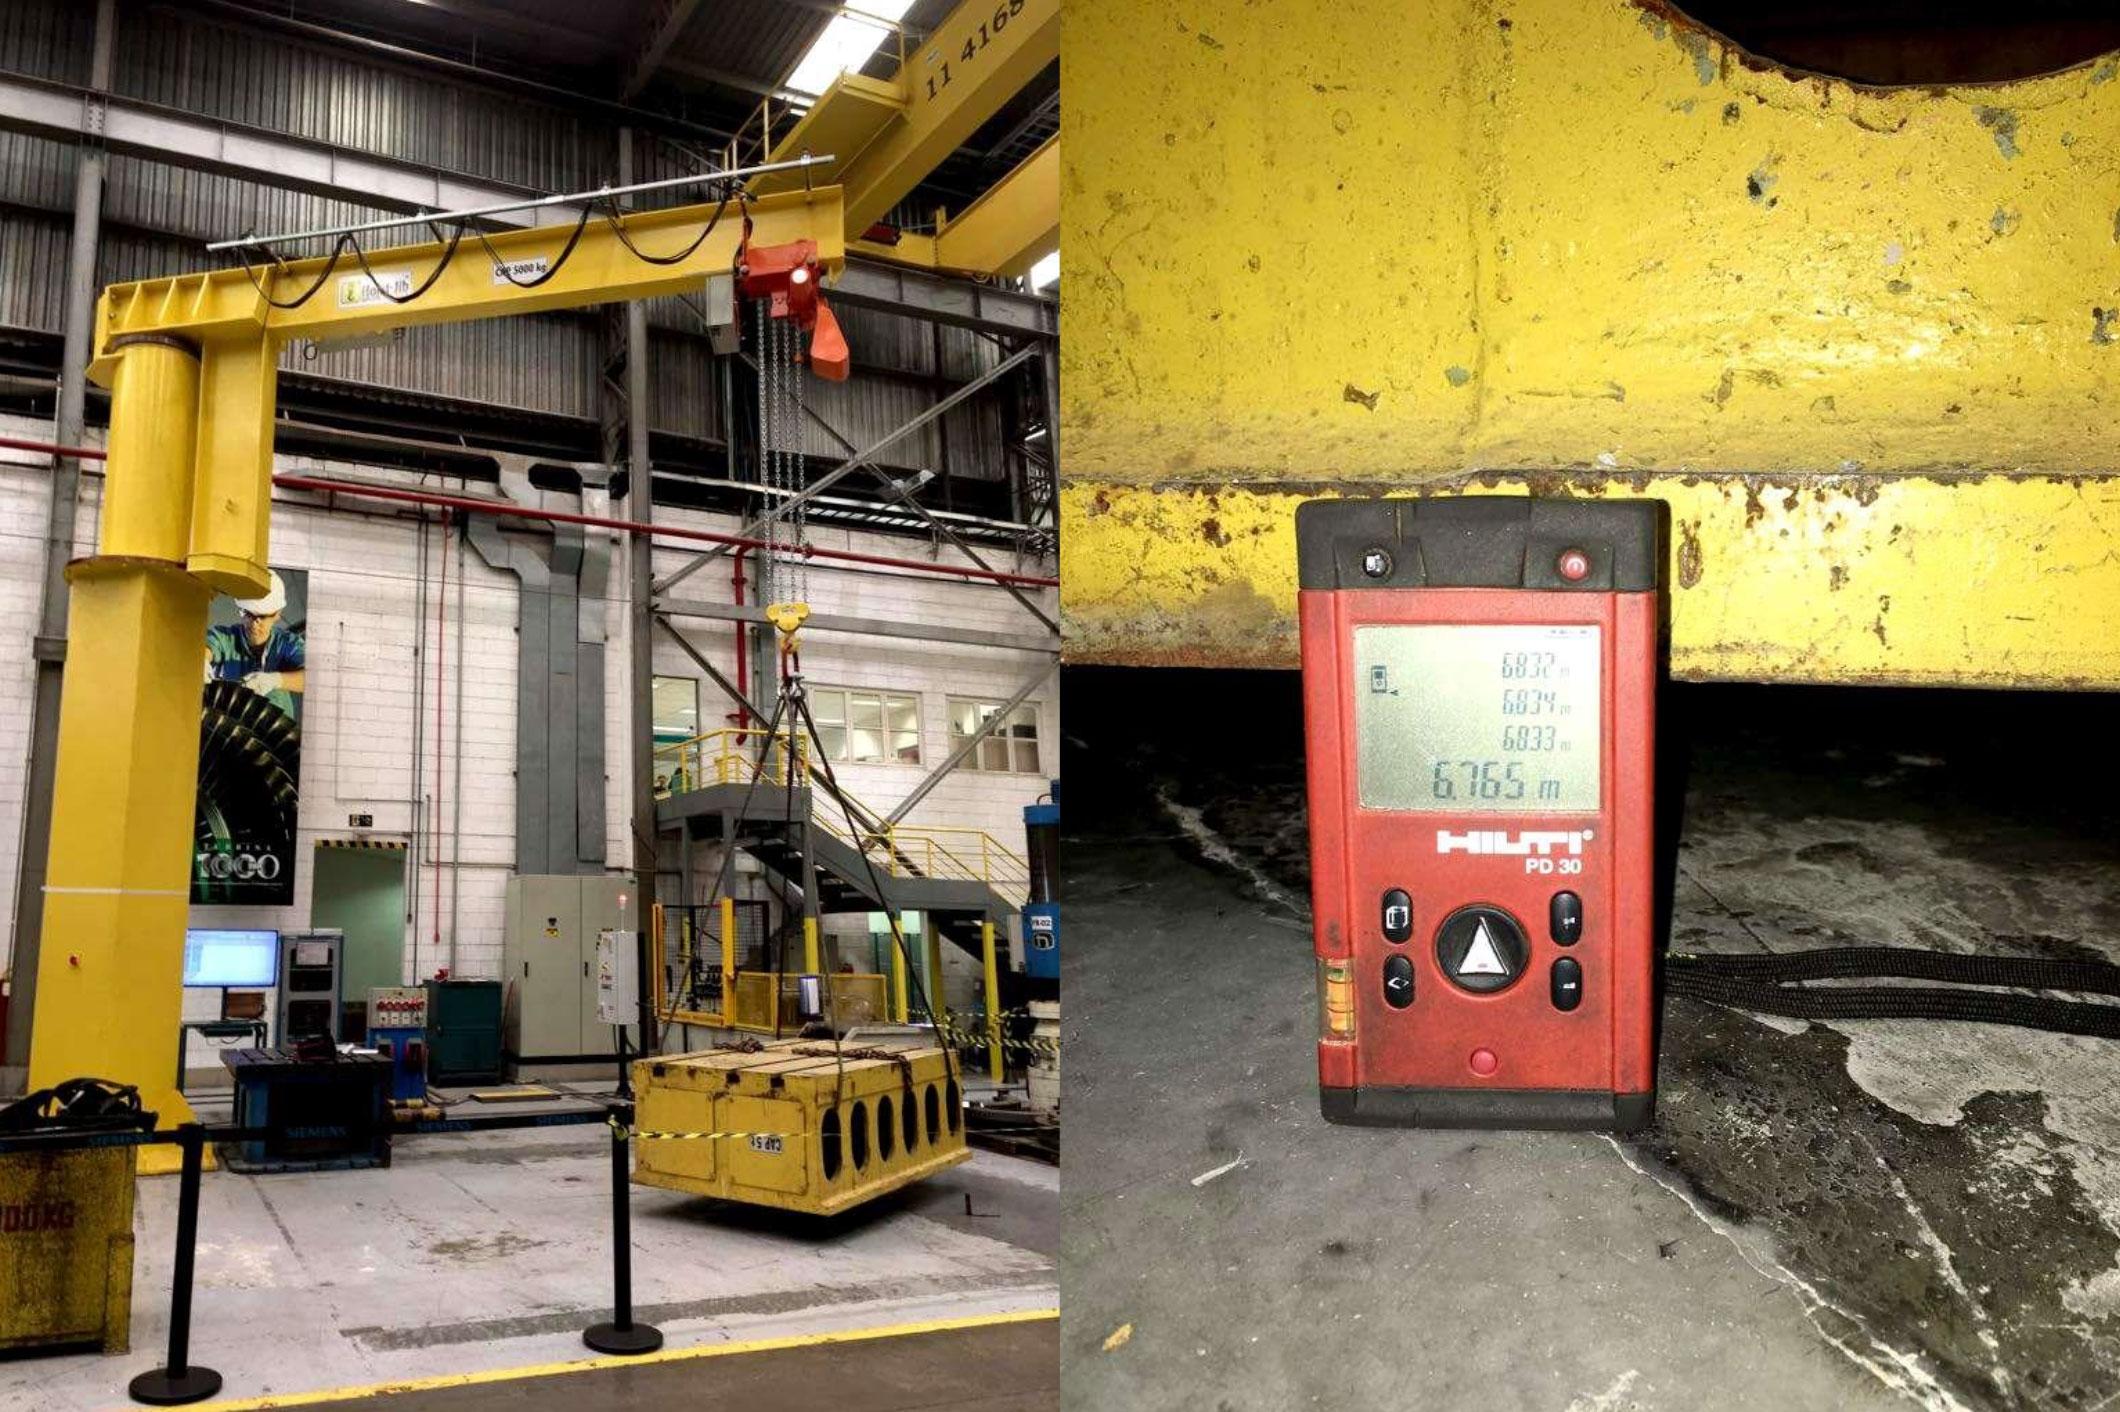 Guindaste giratório capacidade de 5.000 kgf x 6.0 m de lança